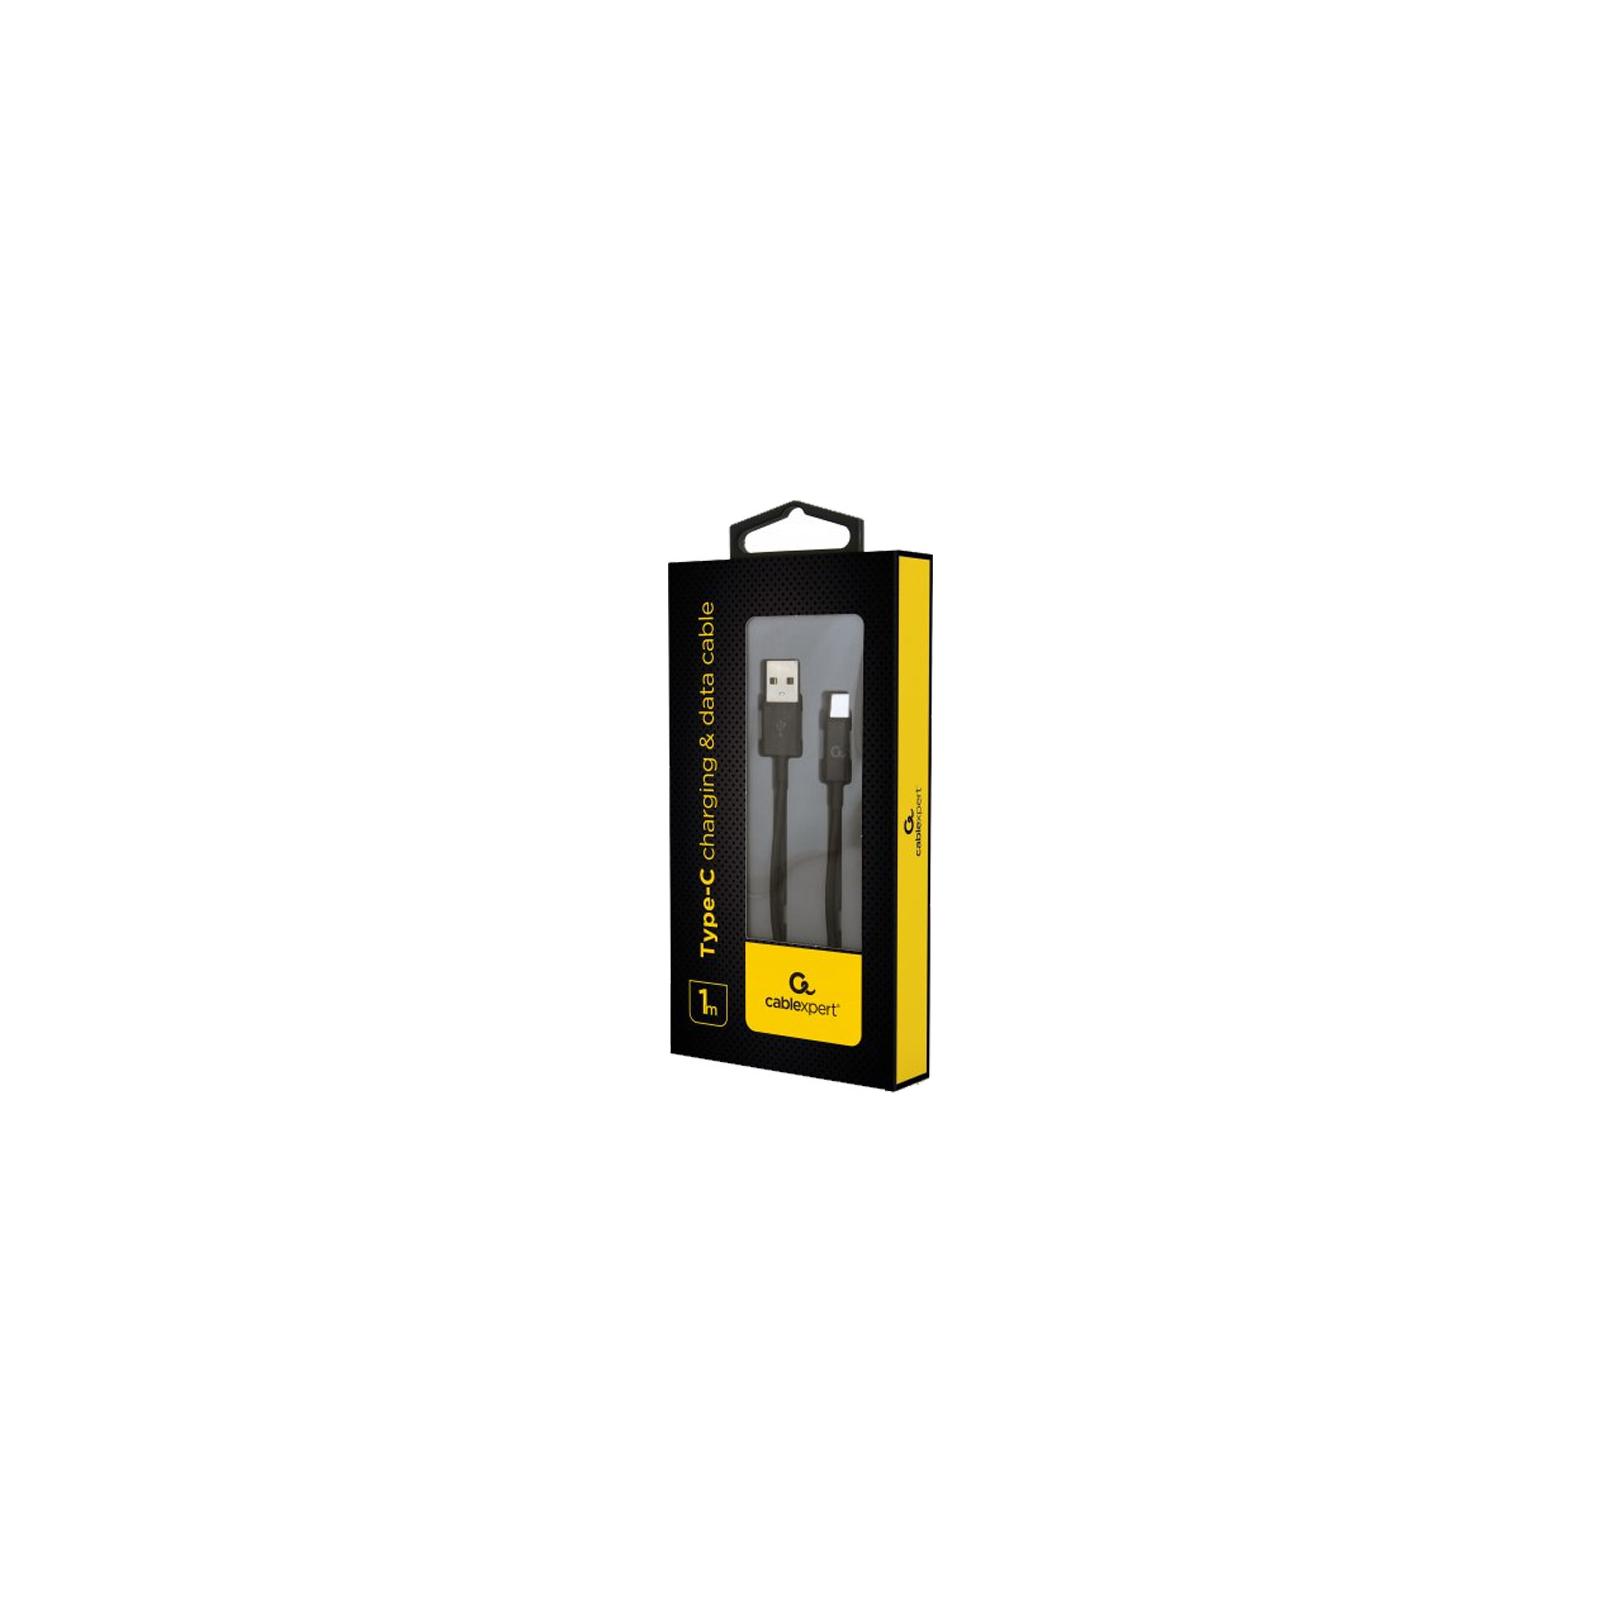 Дата кабель USB 2.0 AM to Type-C 1.0m Cablexpert (CC-USB2P-AMCM-1M-W) изображение 2